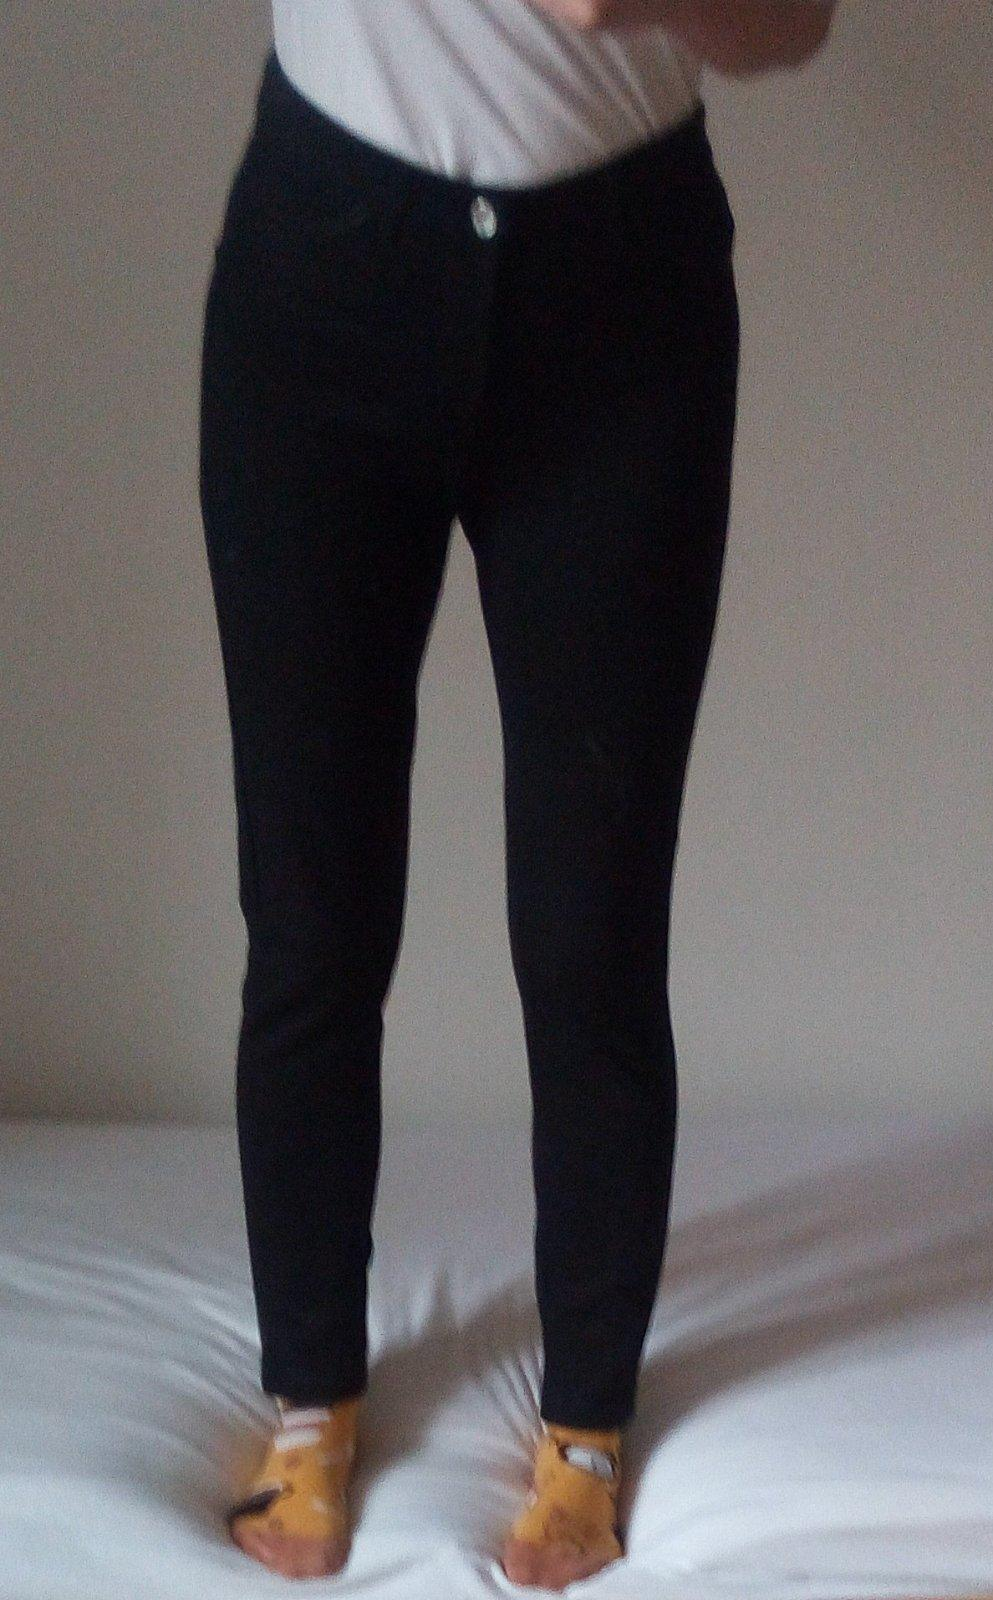 Čierne elegantné nohavice S - Obrázok č. 1